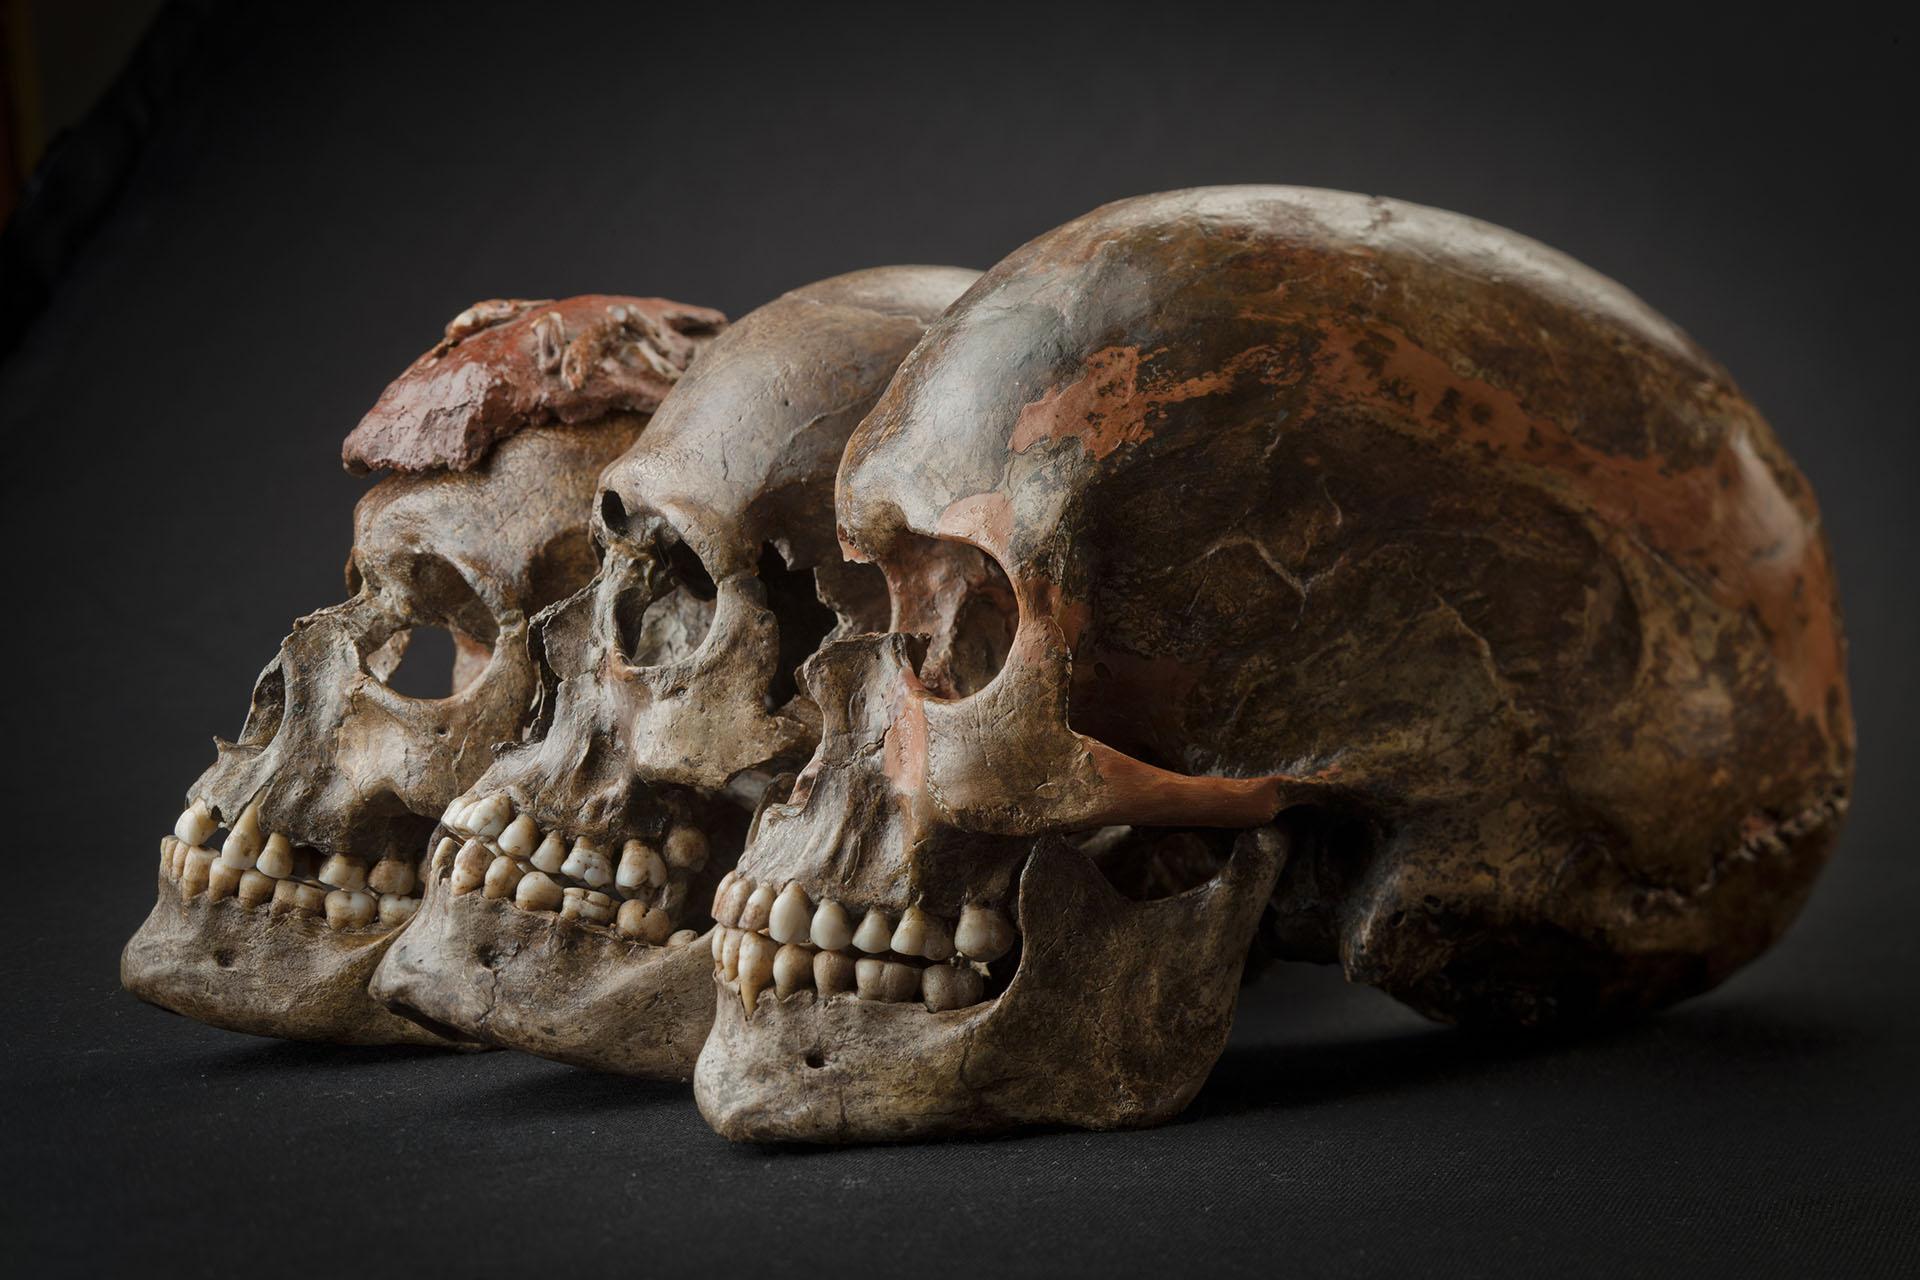 Skládáme mozaiku poznání oprvních zástupcích anatomicky moderního člověka vEvropě